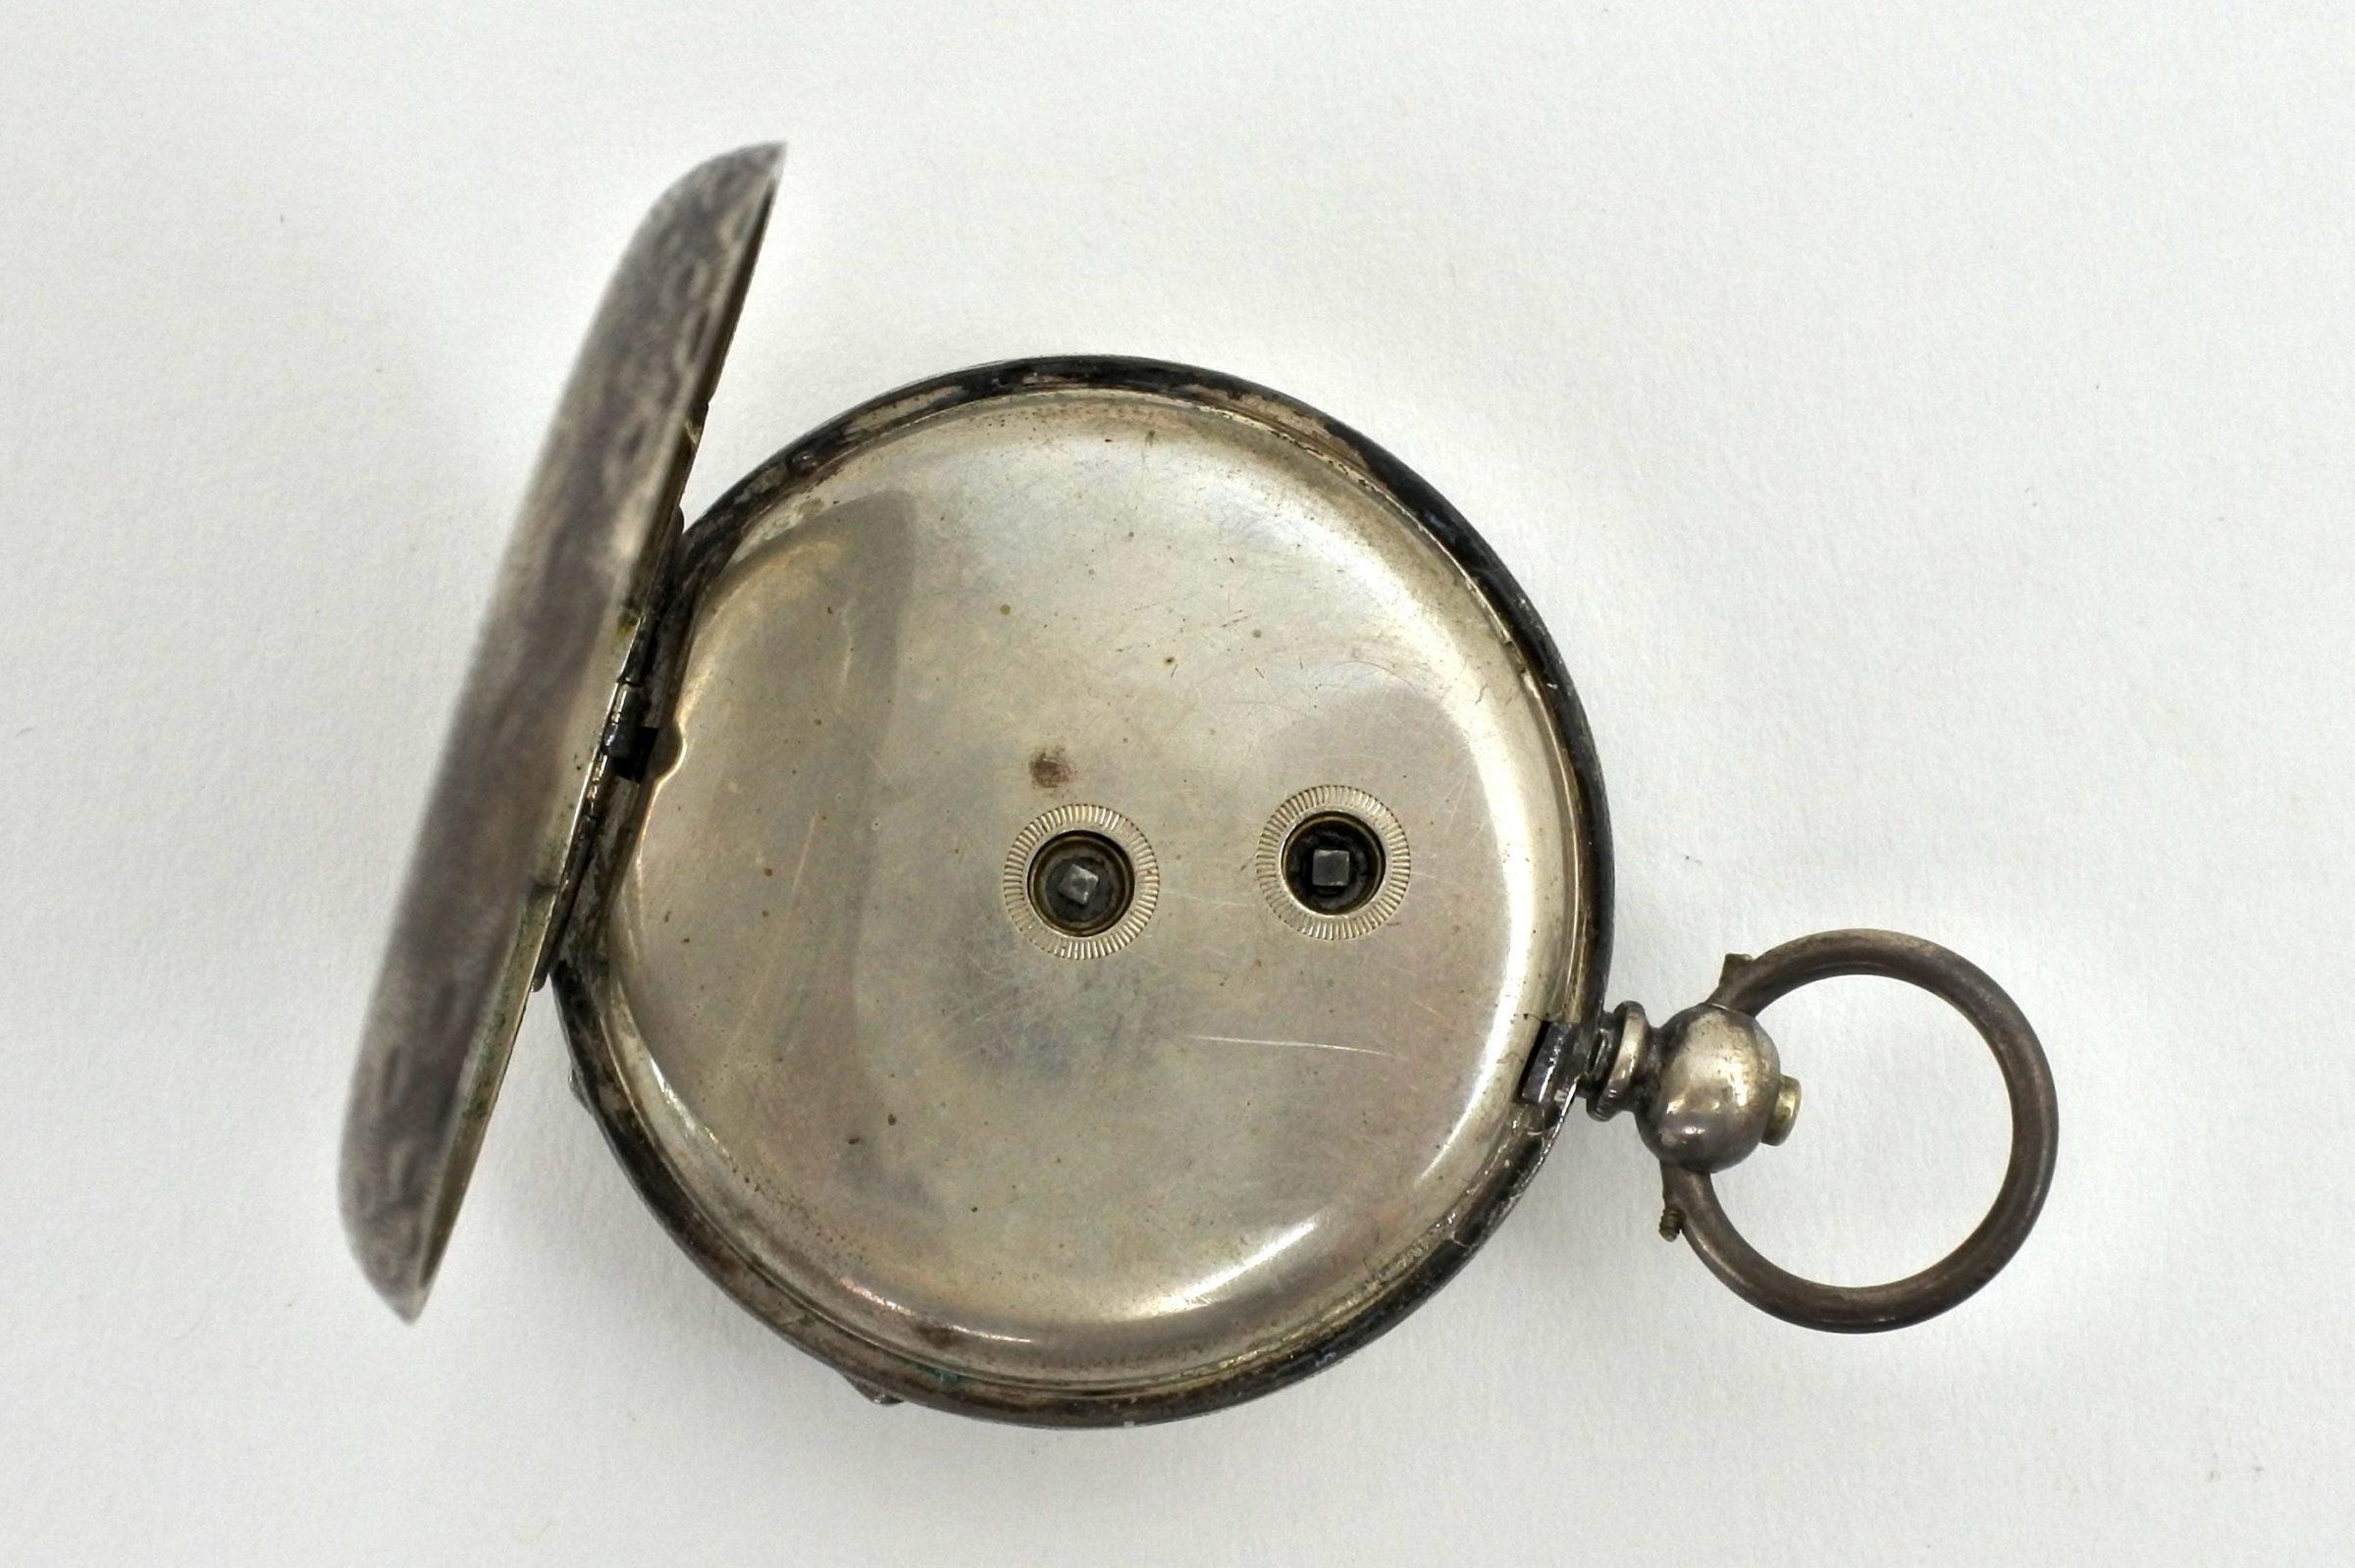 Orologio da tasca in argento con carica a chiavetta. Diametro cassa 40 mm - 2